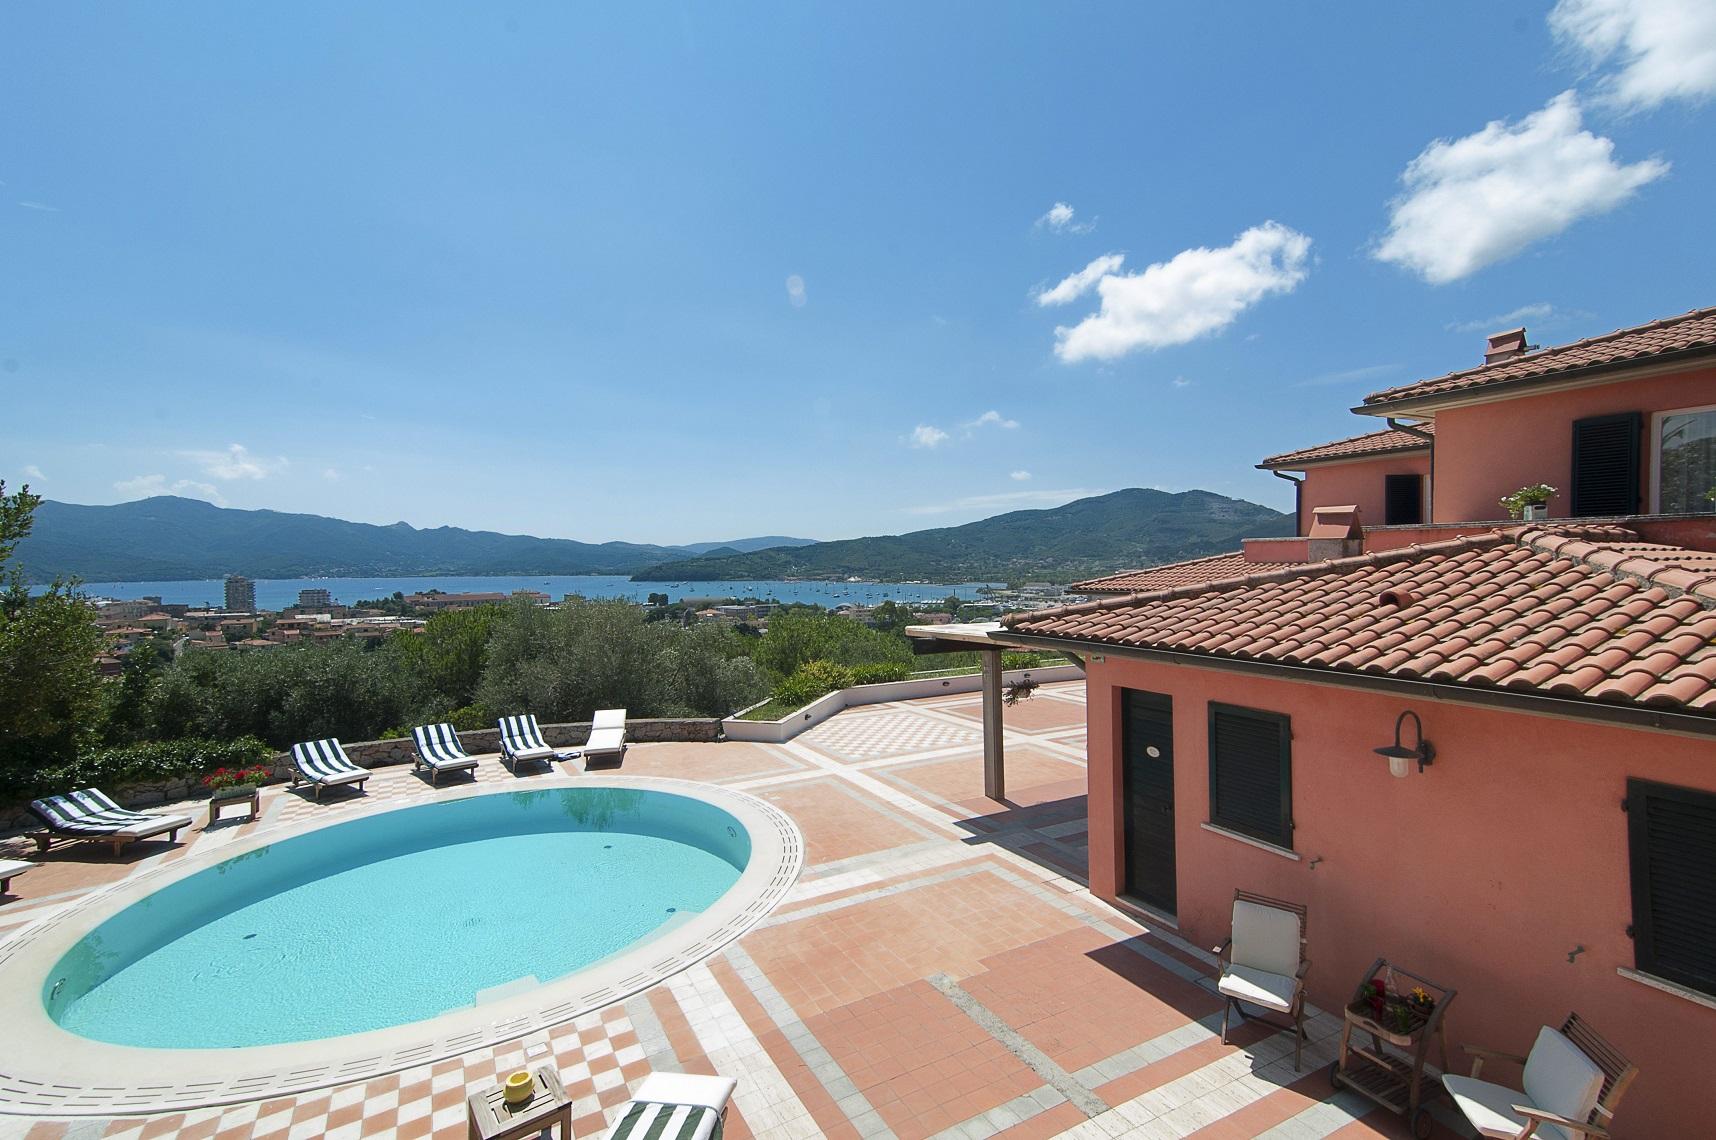 712-Villa di lusso con parco piscina e vista mare-Portoferraio-1 Agenzia Immobiliare ASIP